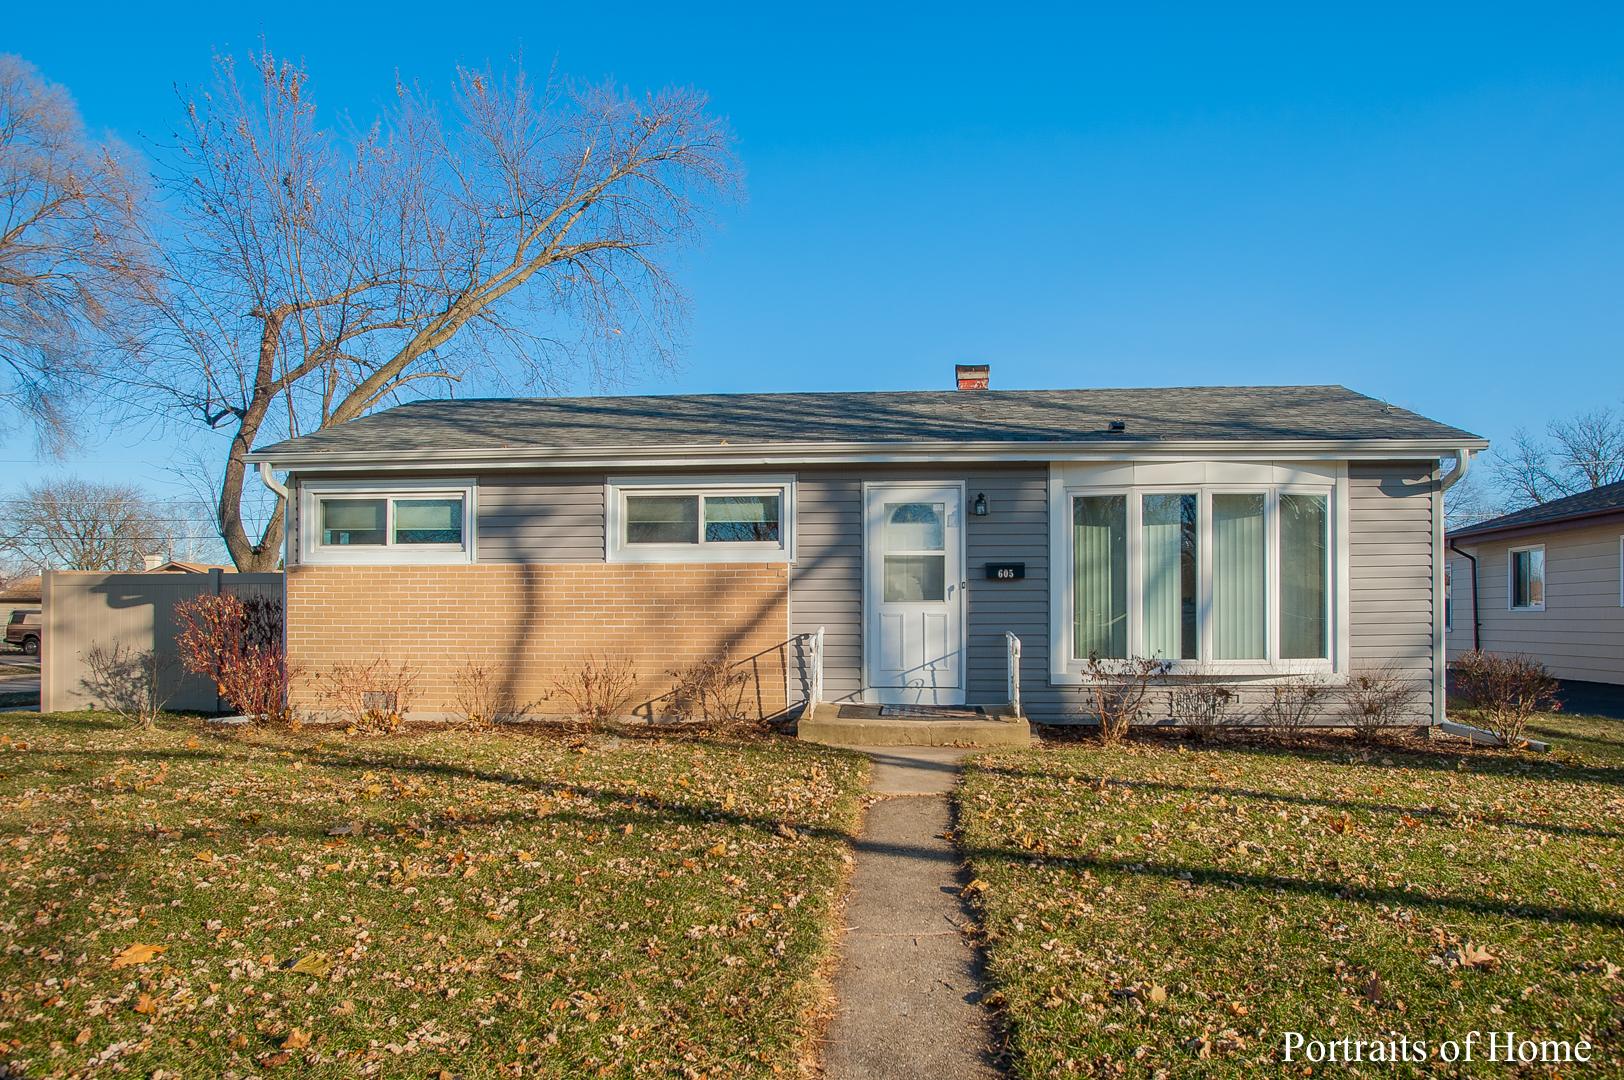 605 North 2nd, Villa Park, Illinois, 60181